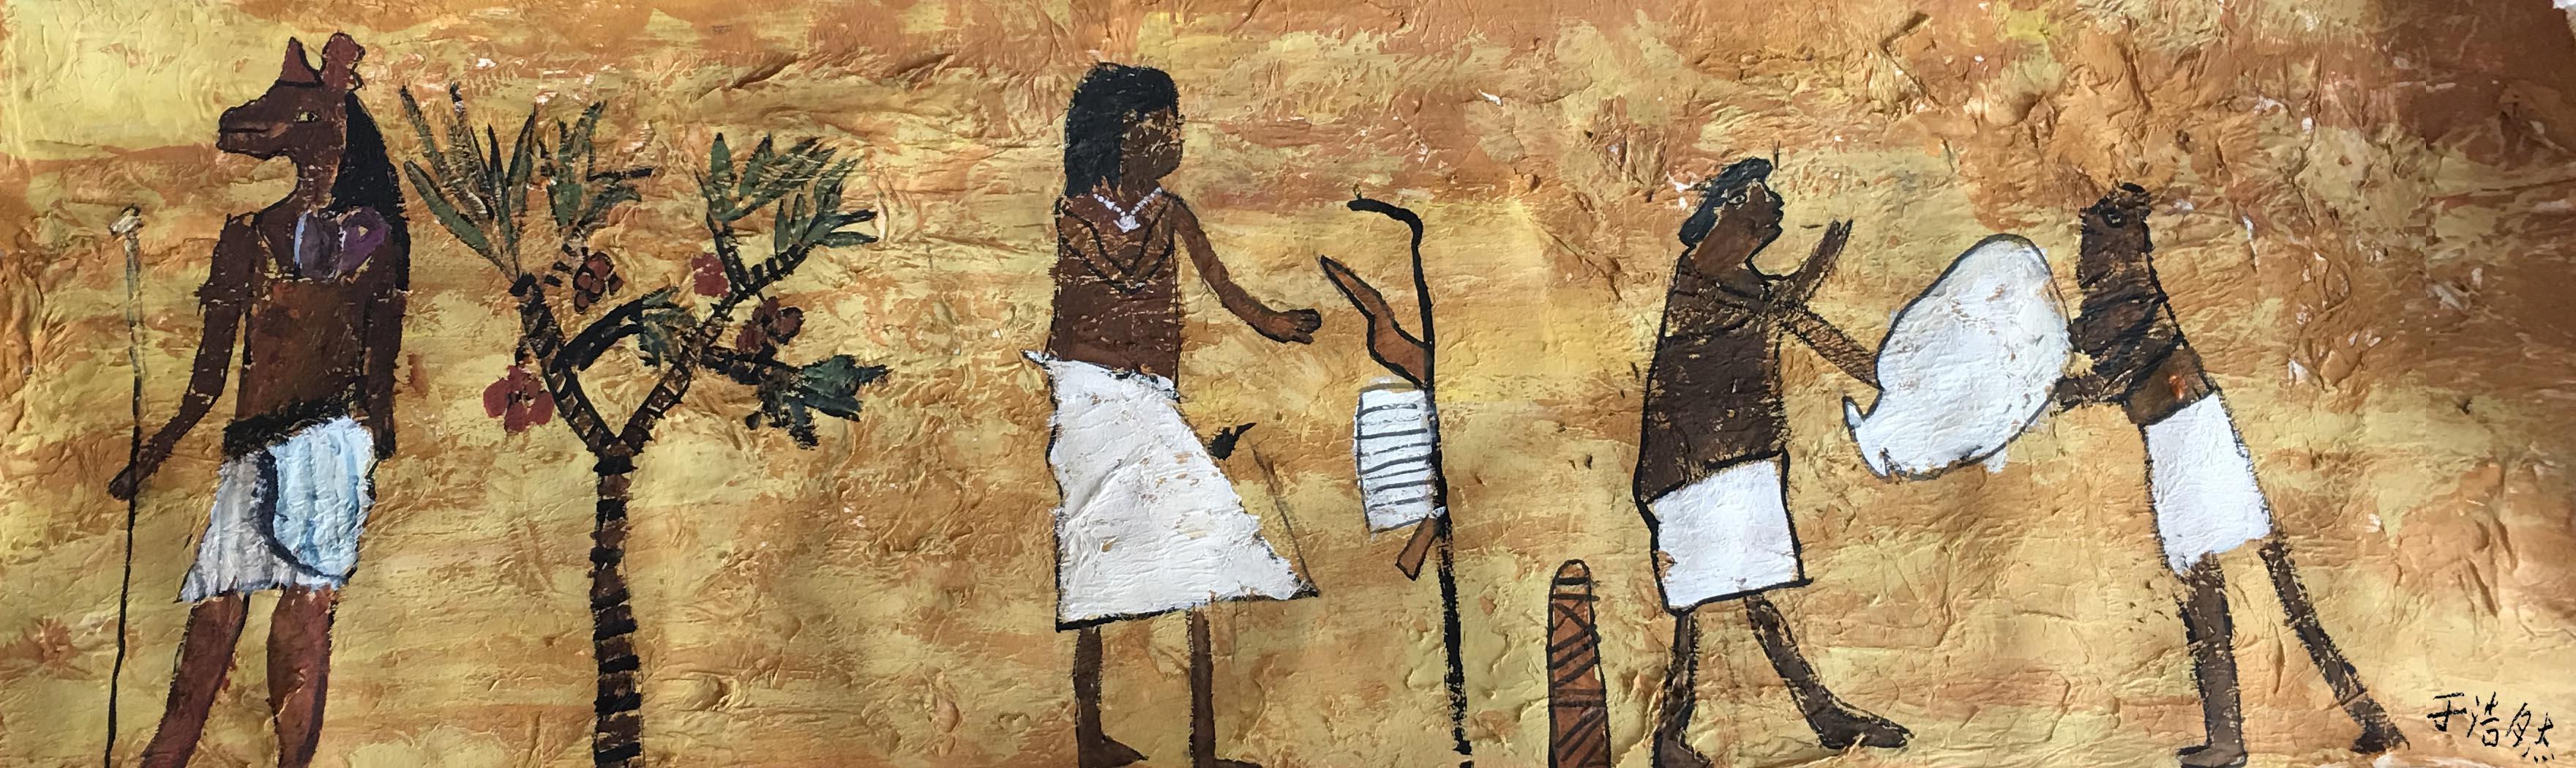 儿童画-埃及壁画(装饰画)-于浩然-国际青少年艺术家